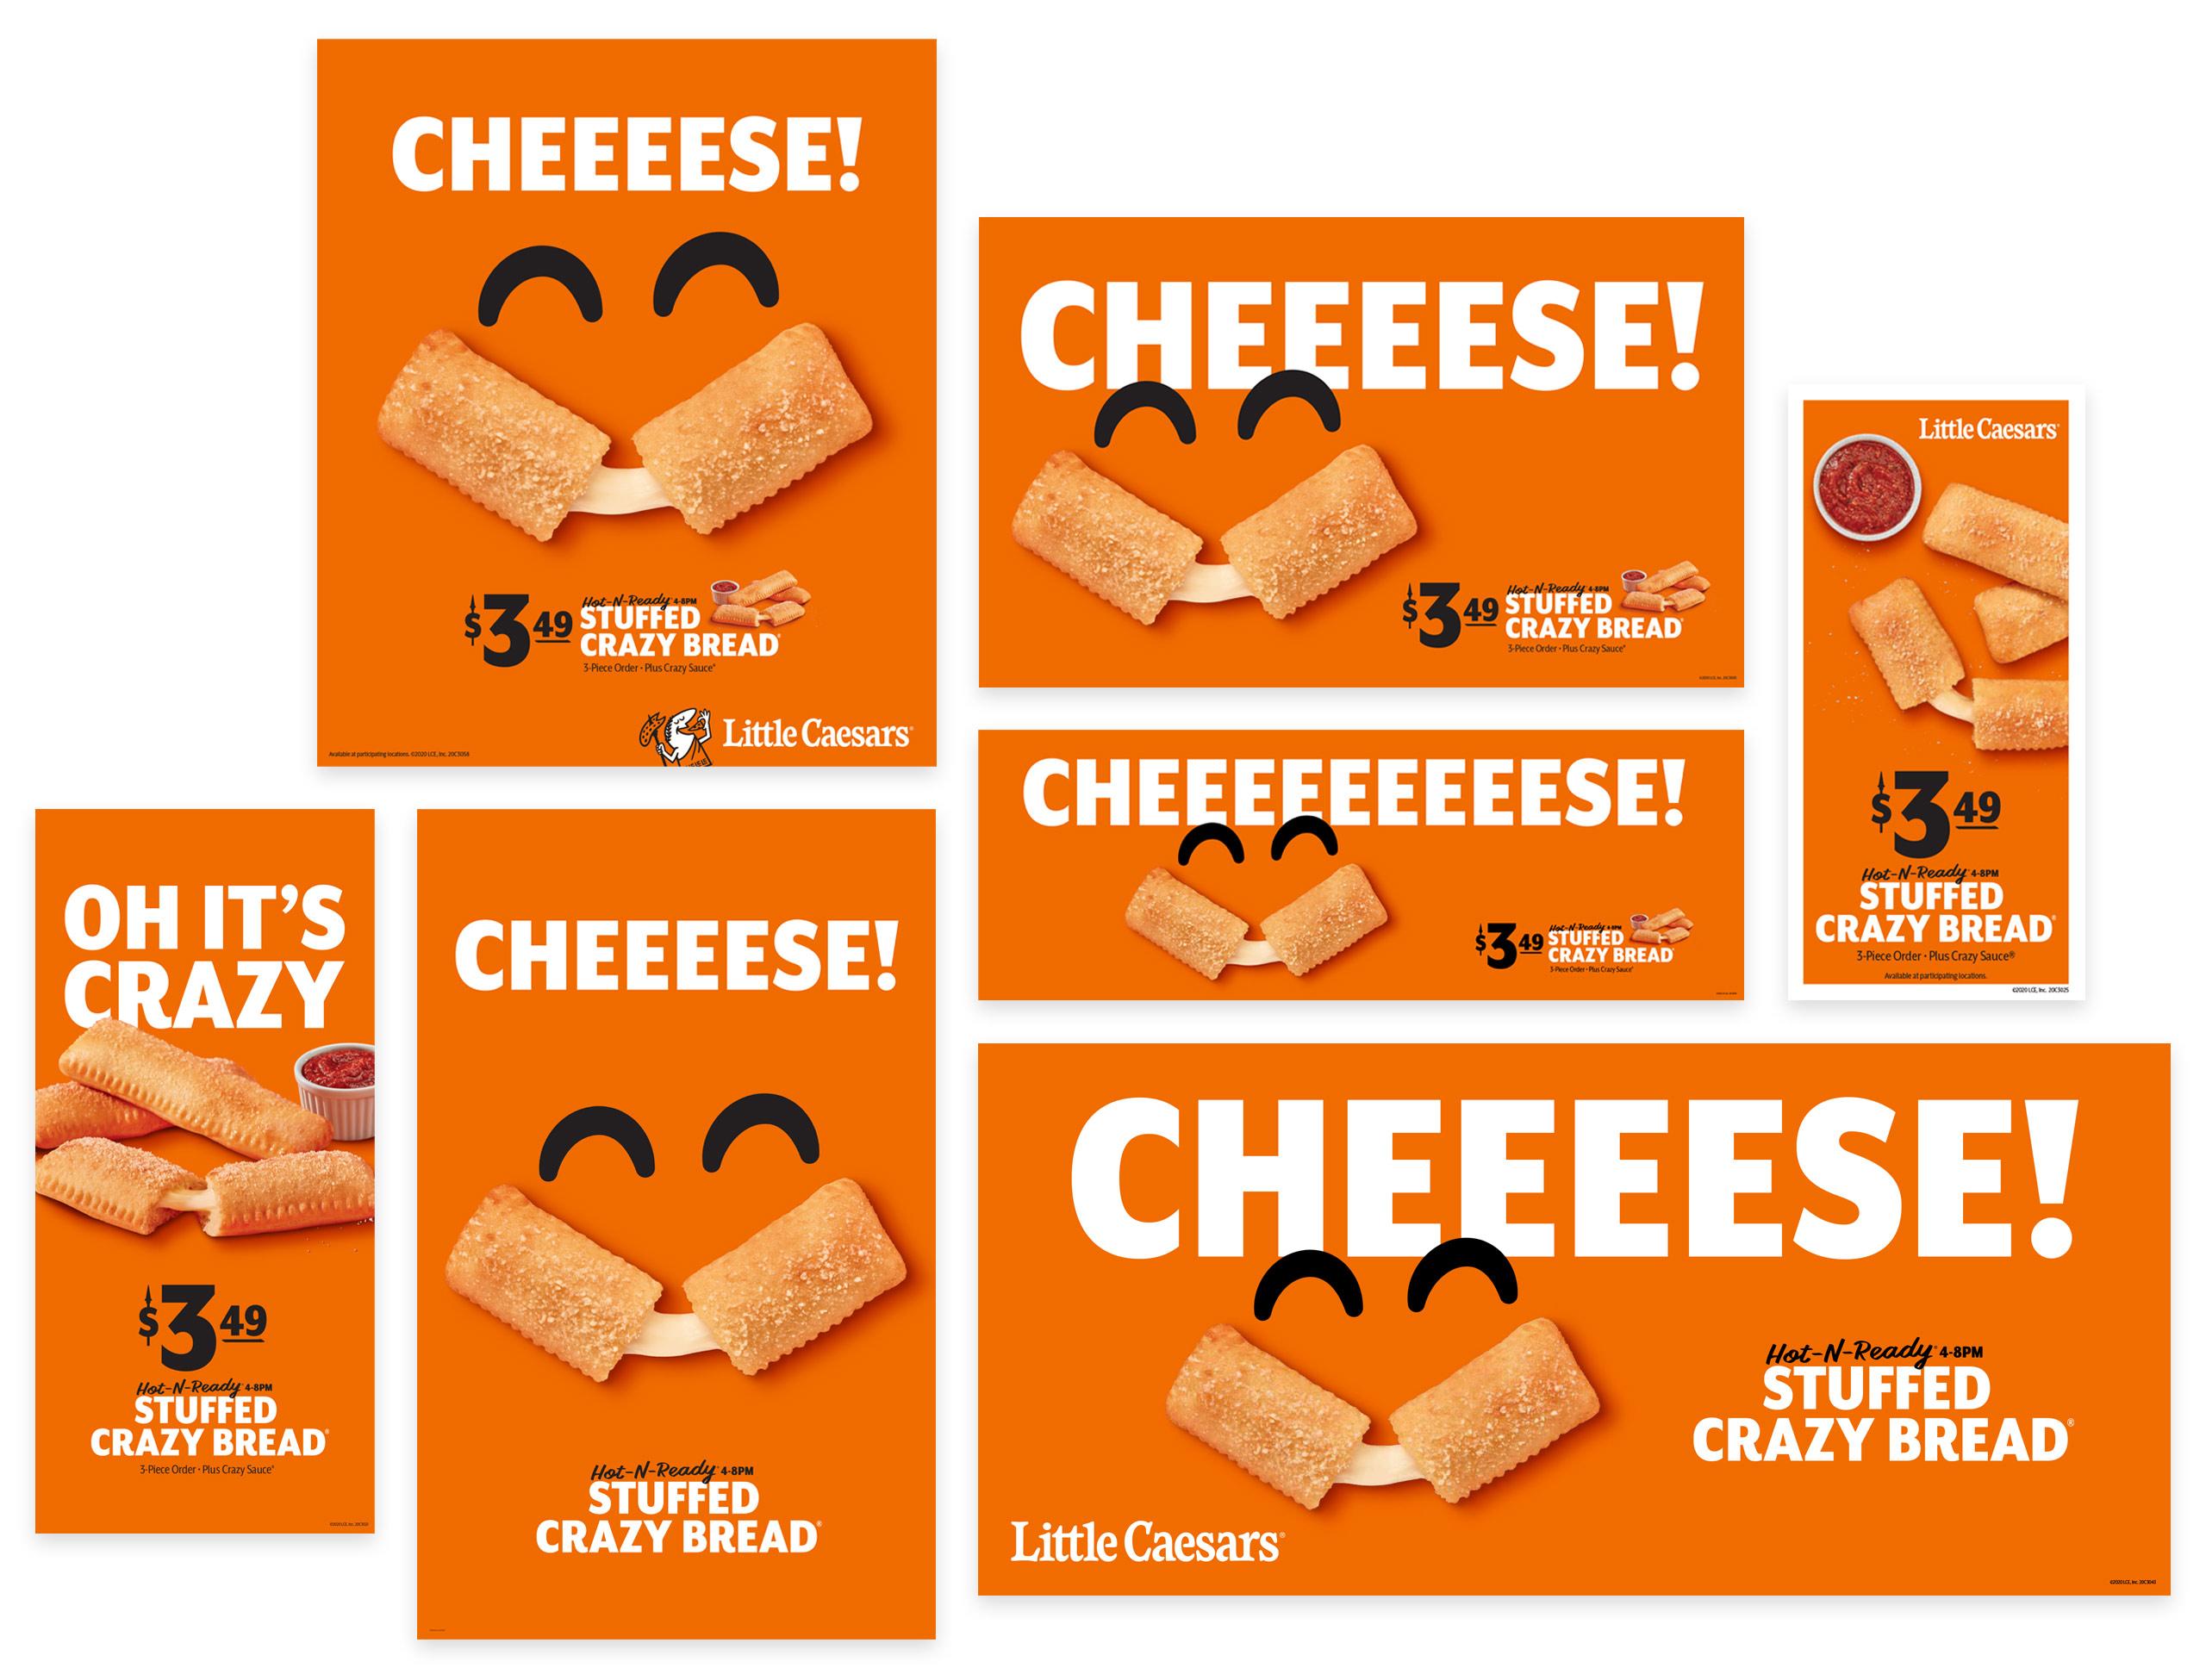 stuffed-crazy-bread-campaign